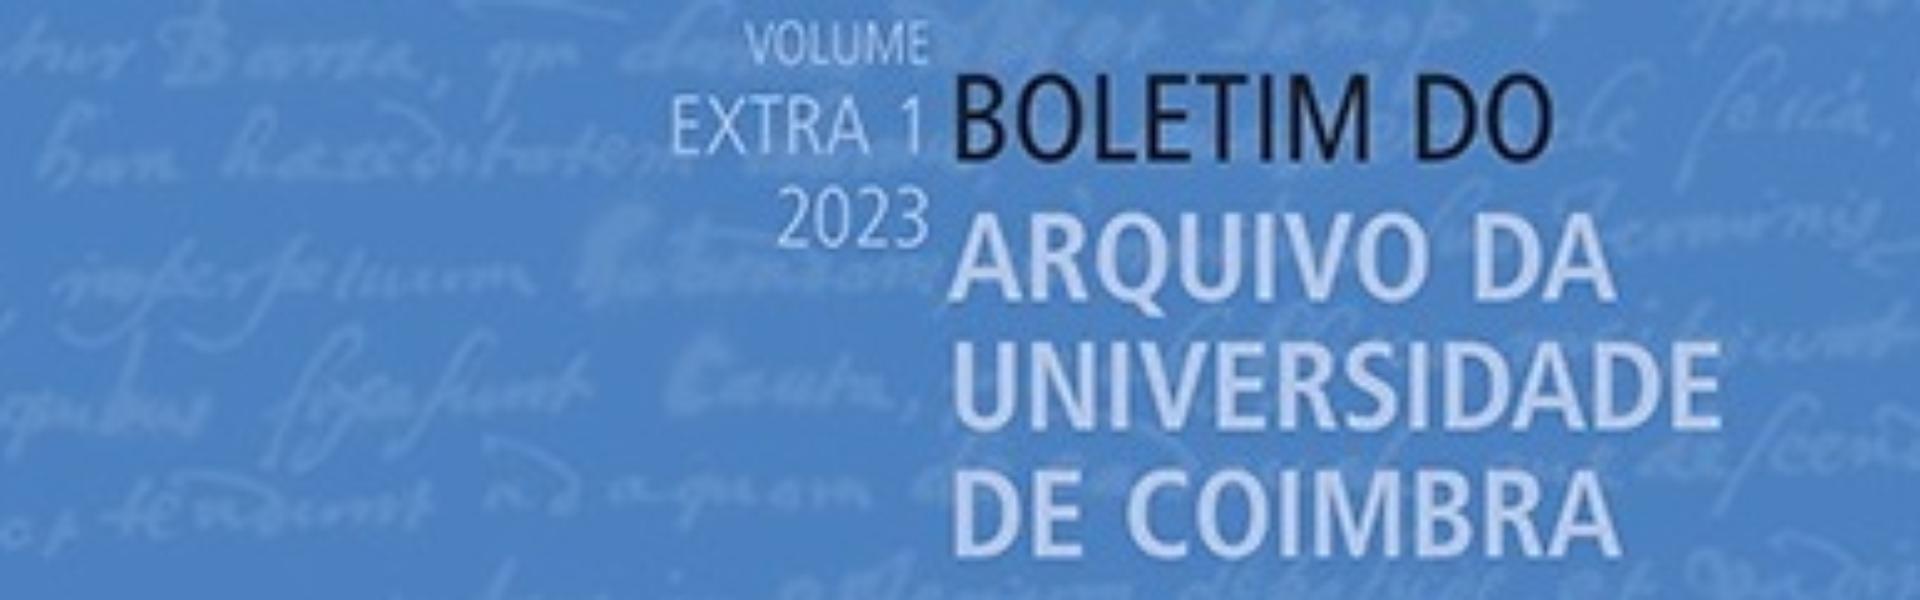 Publicação do Vol. XXXIII, n.º 2 do BAUC